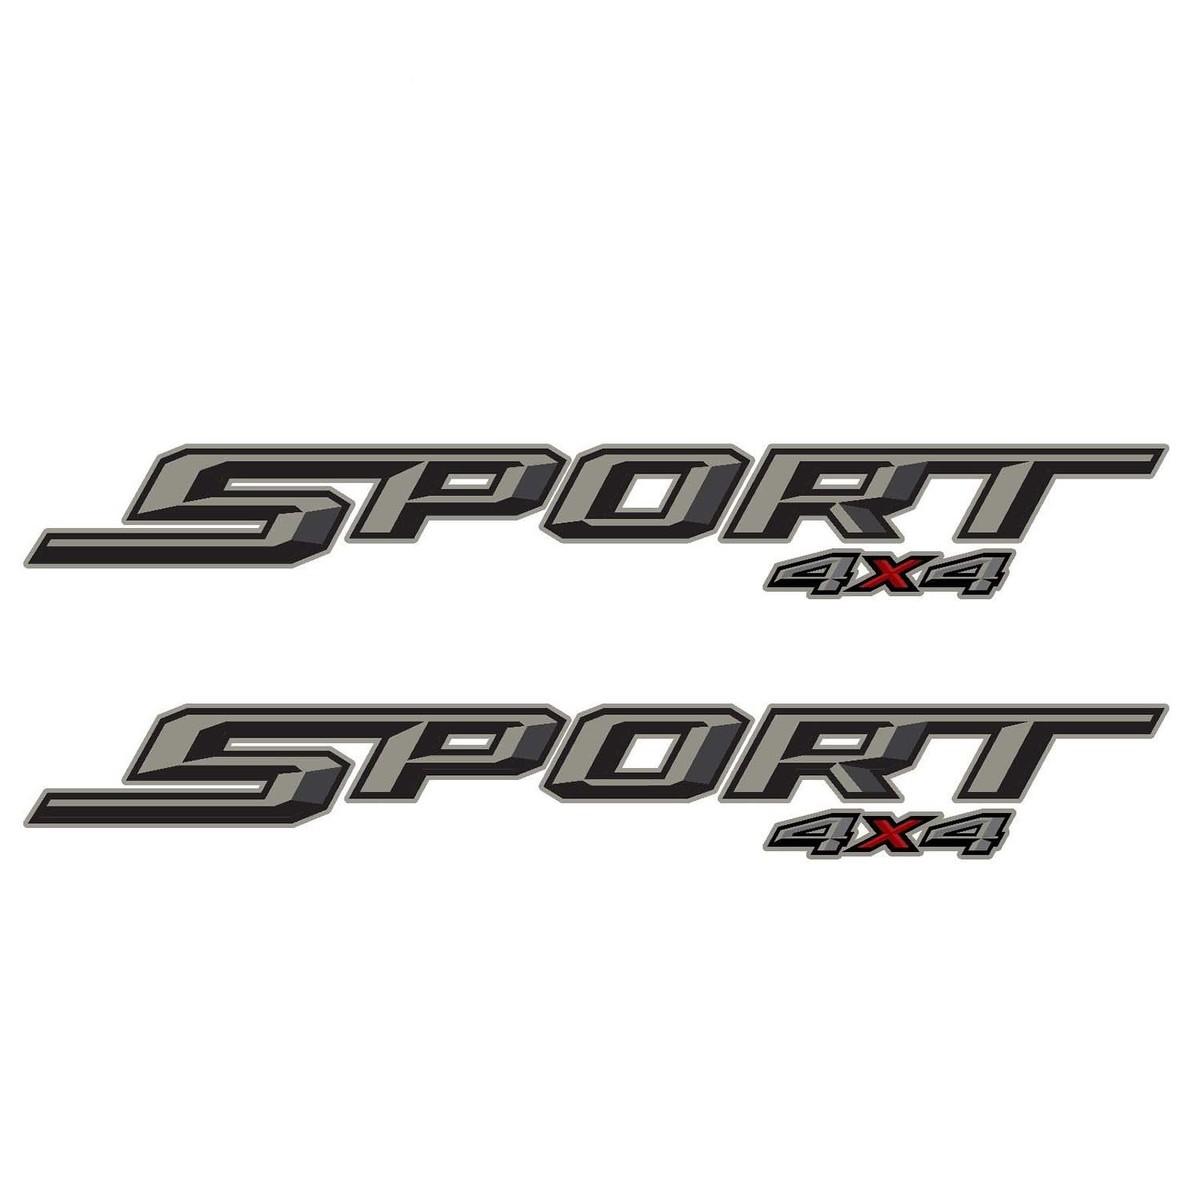 2er-Set: 2018 Ford F-150 F-250 Sport 4X4 Geländewagen-Aufkleber